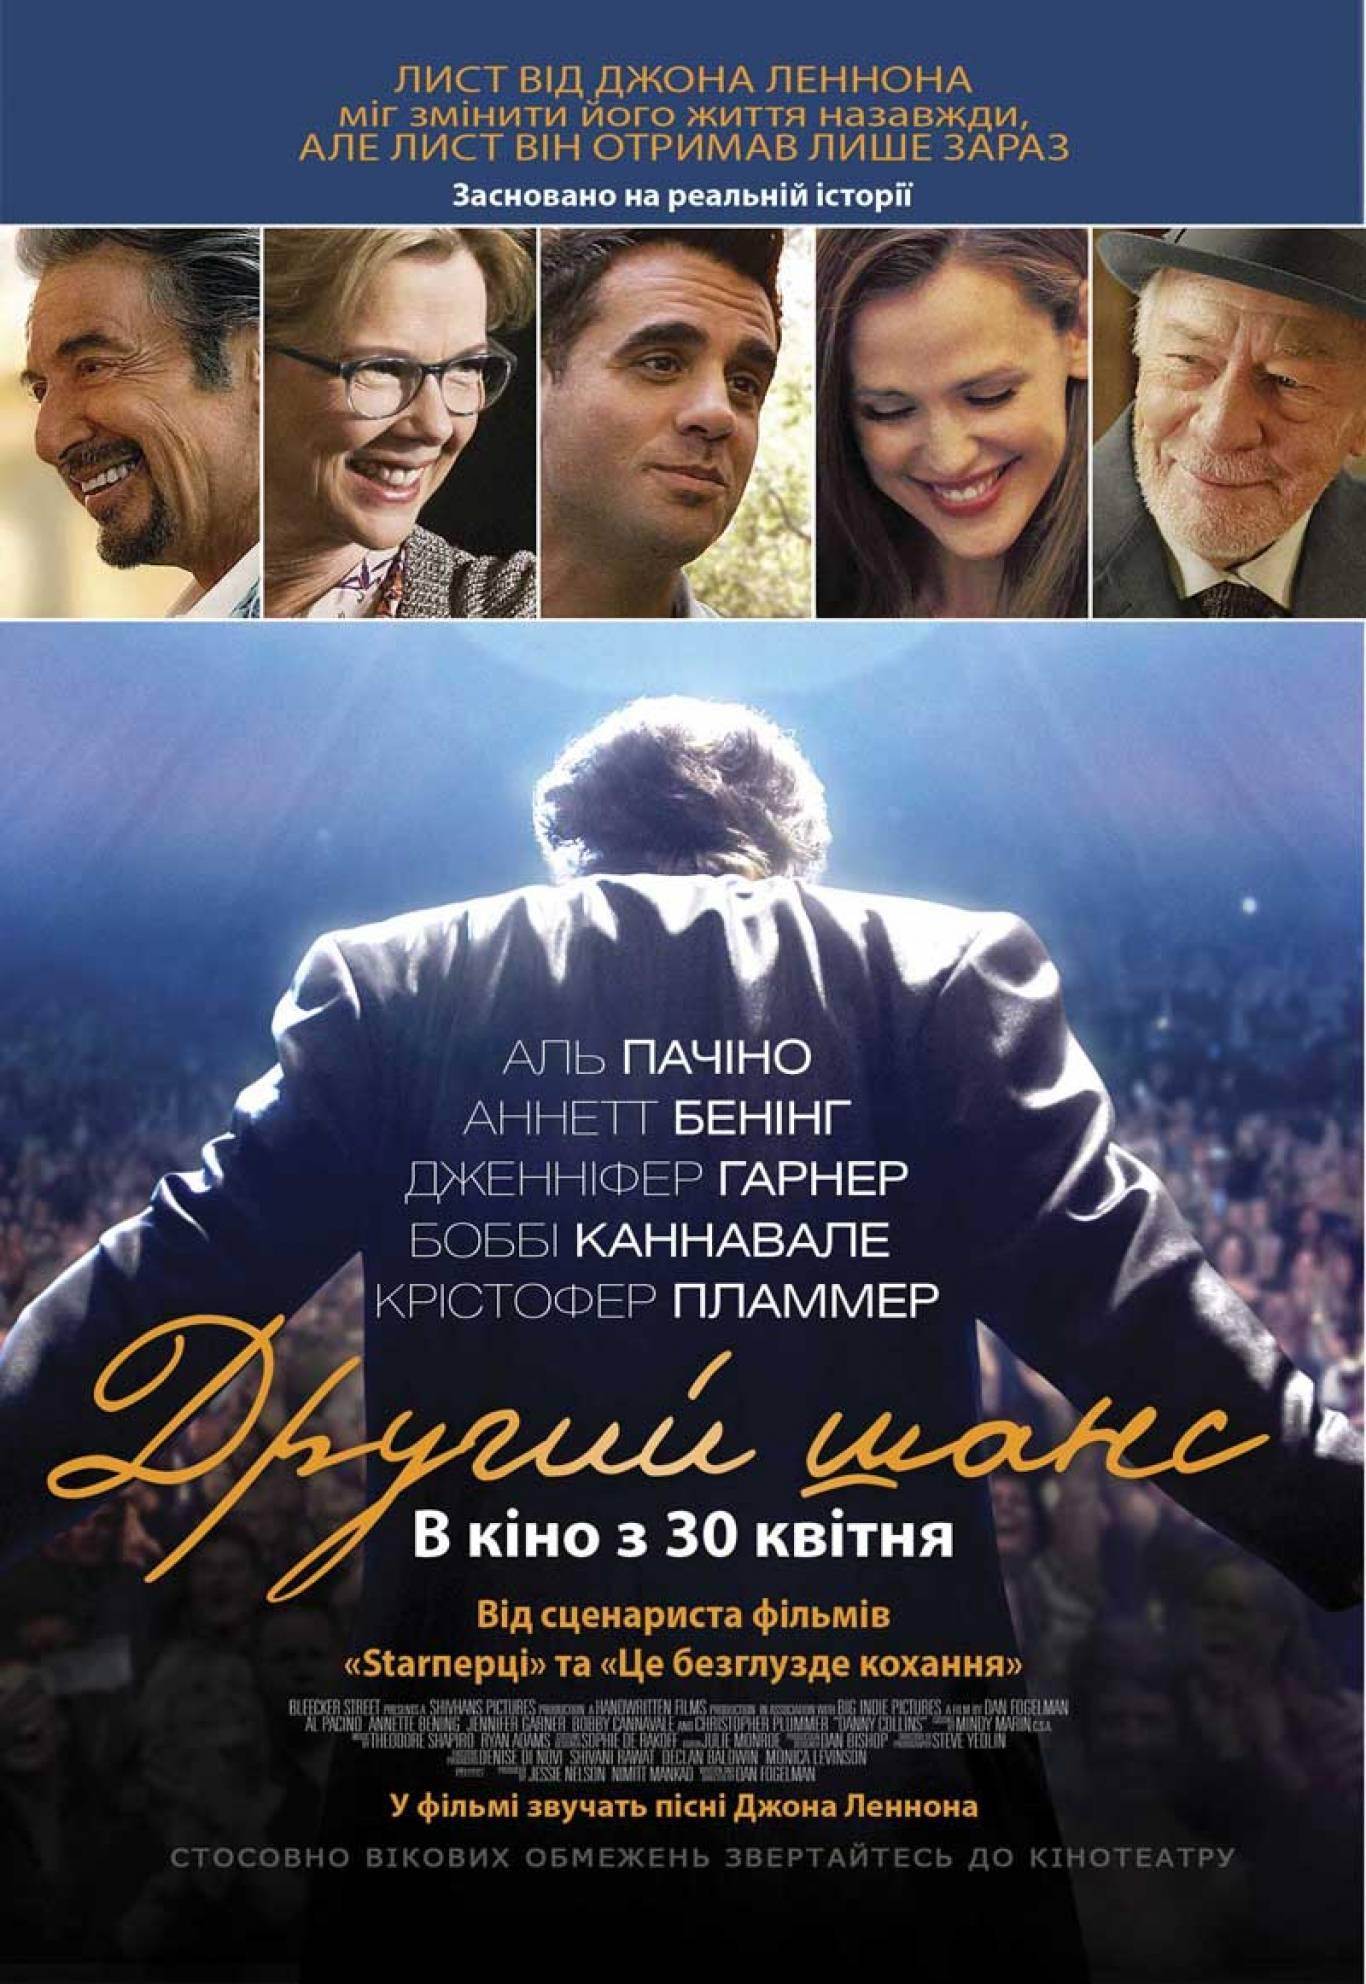 Аль Пачіно в кінопрем'єрі «Другий шанс»